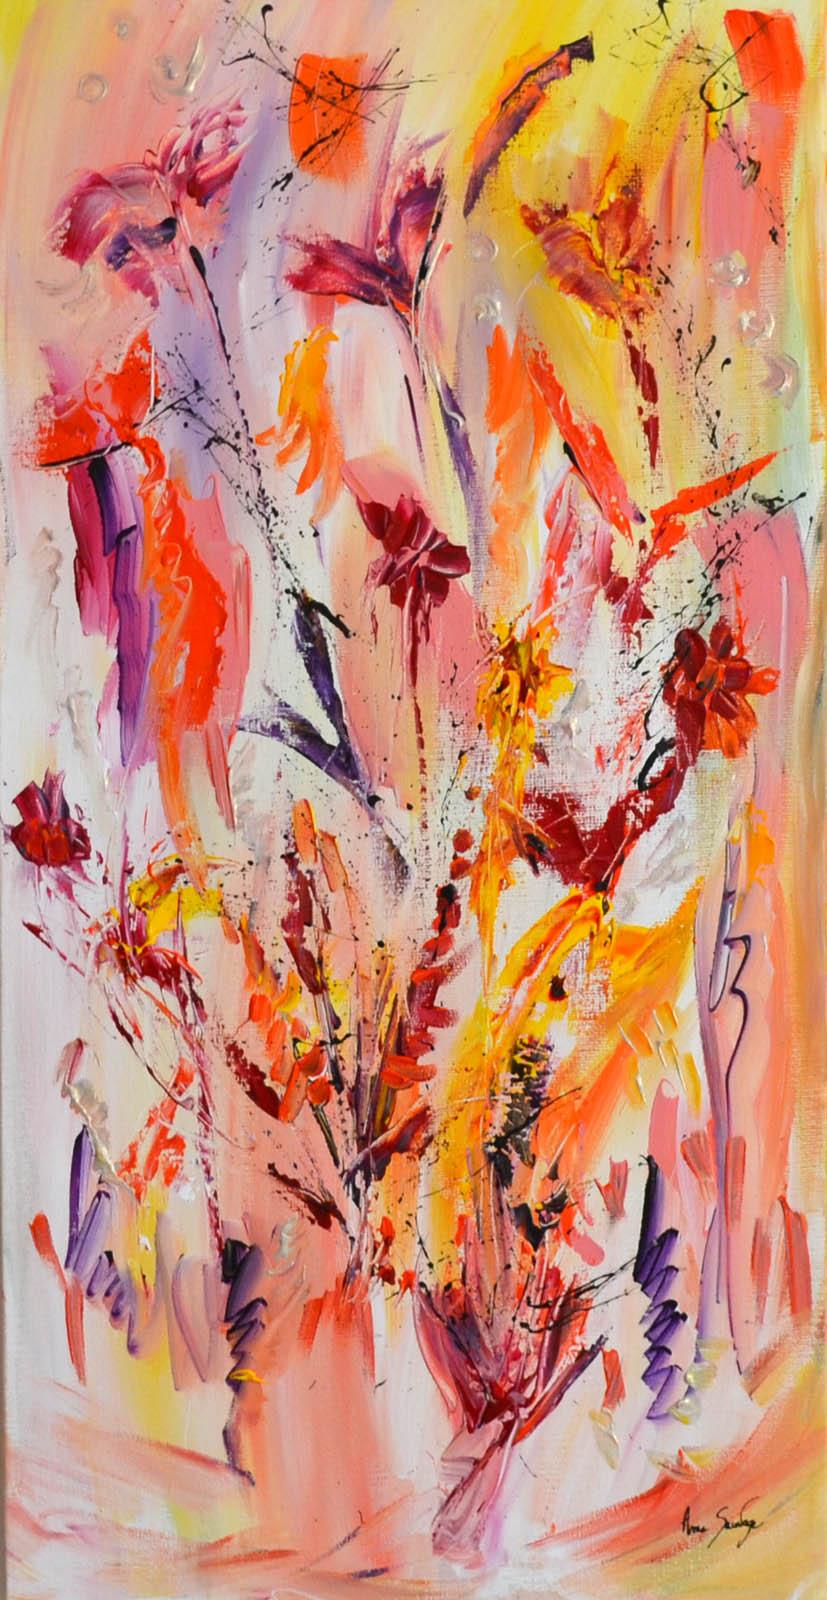 tableau abstrait multicolore panoramique vertical avec fleurs